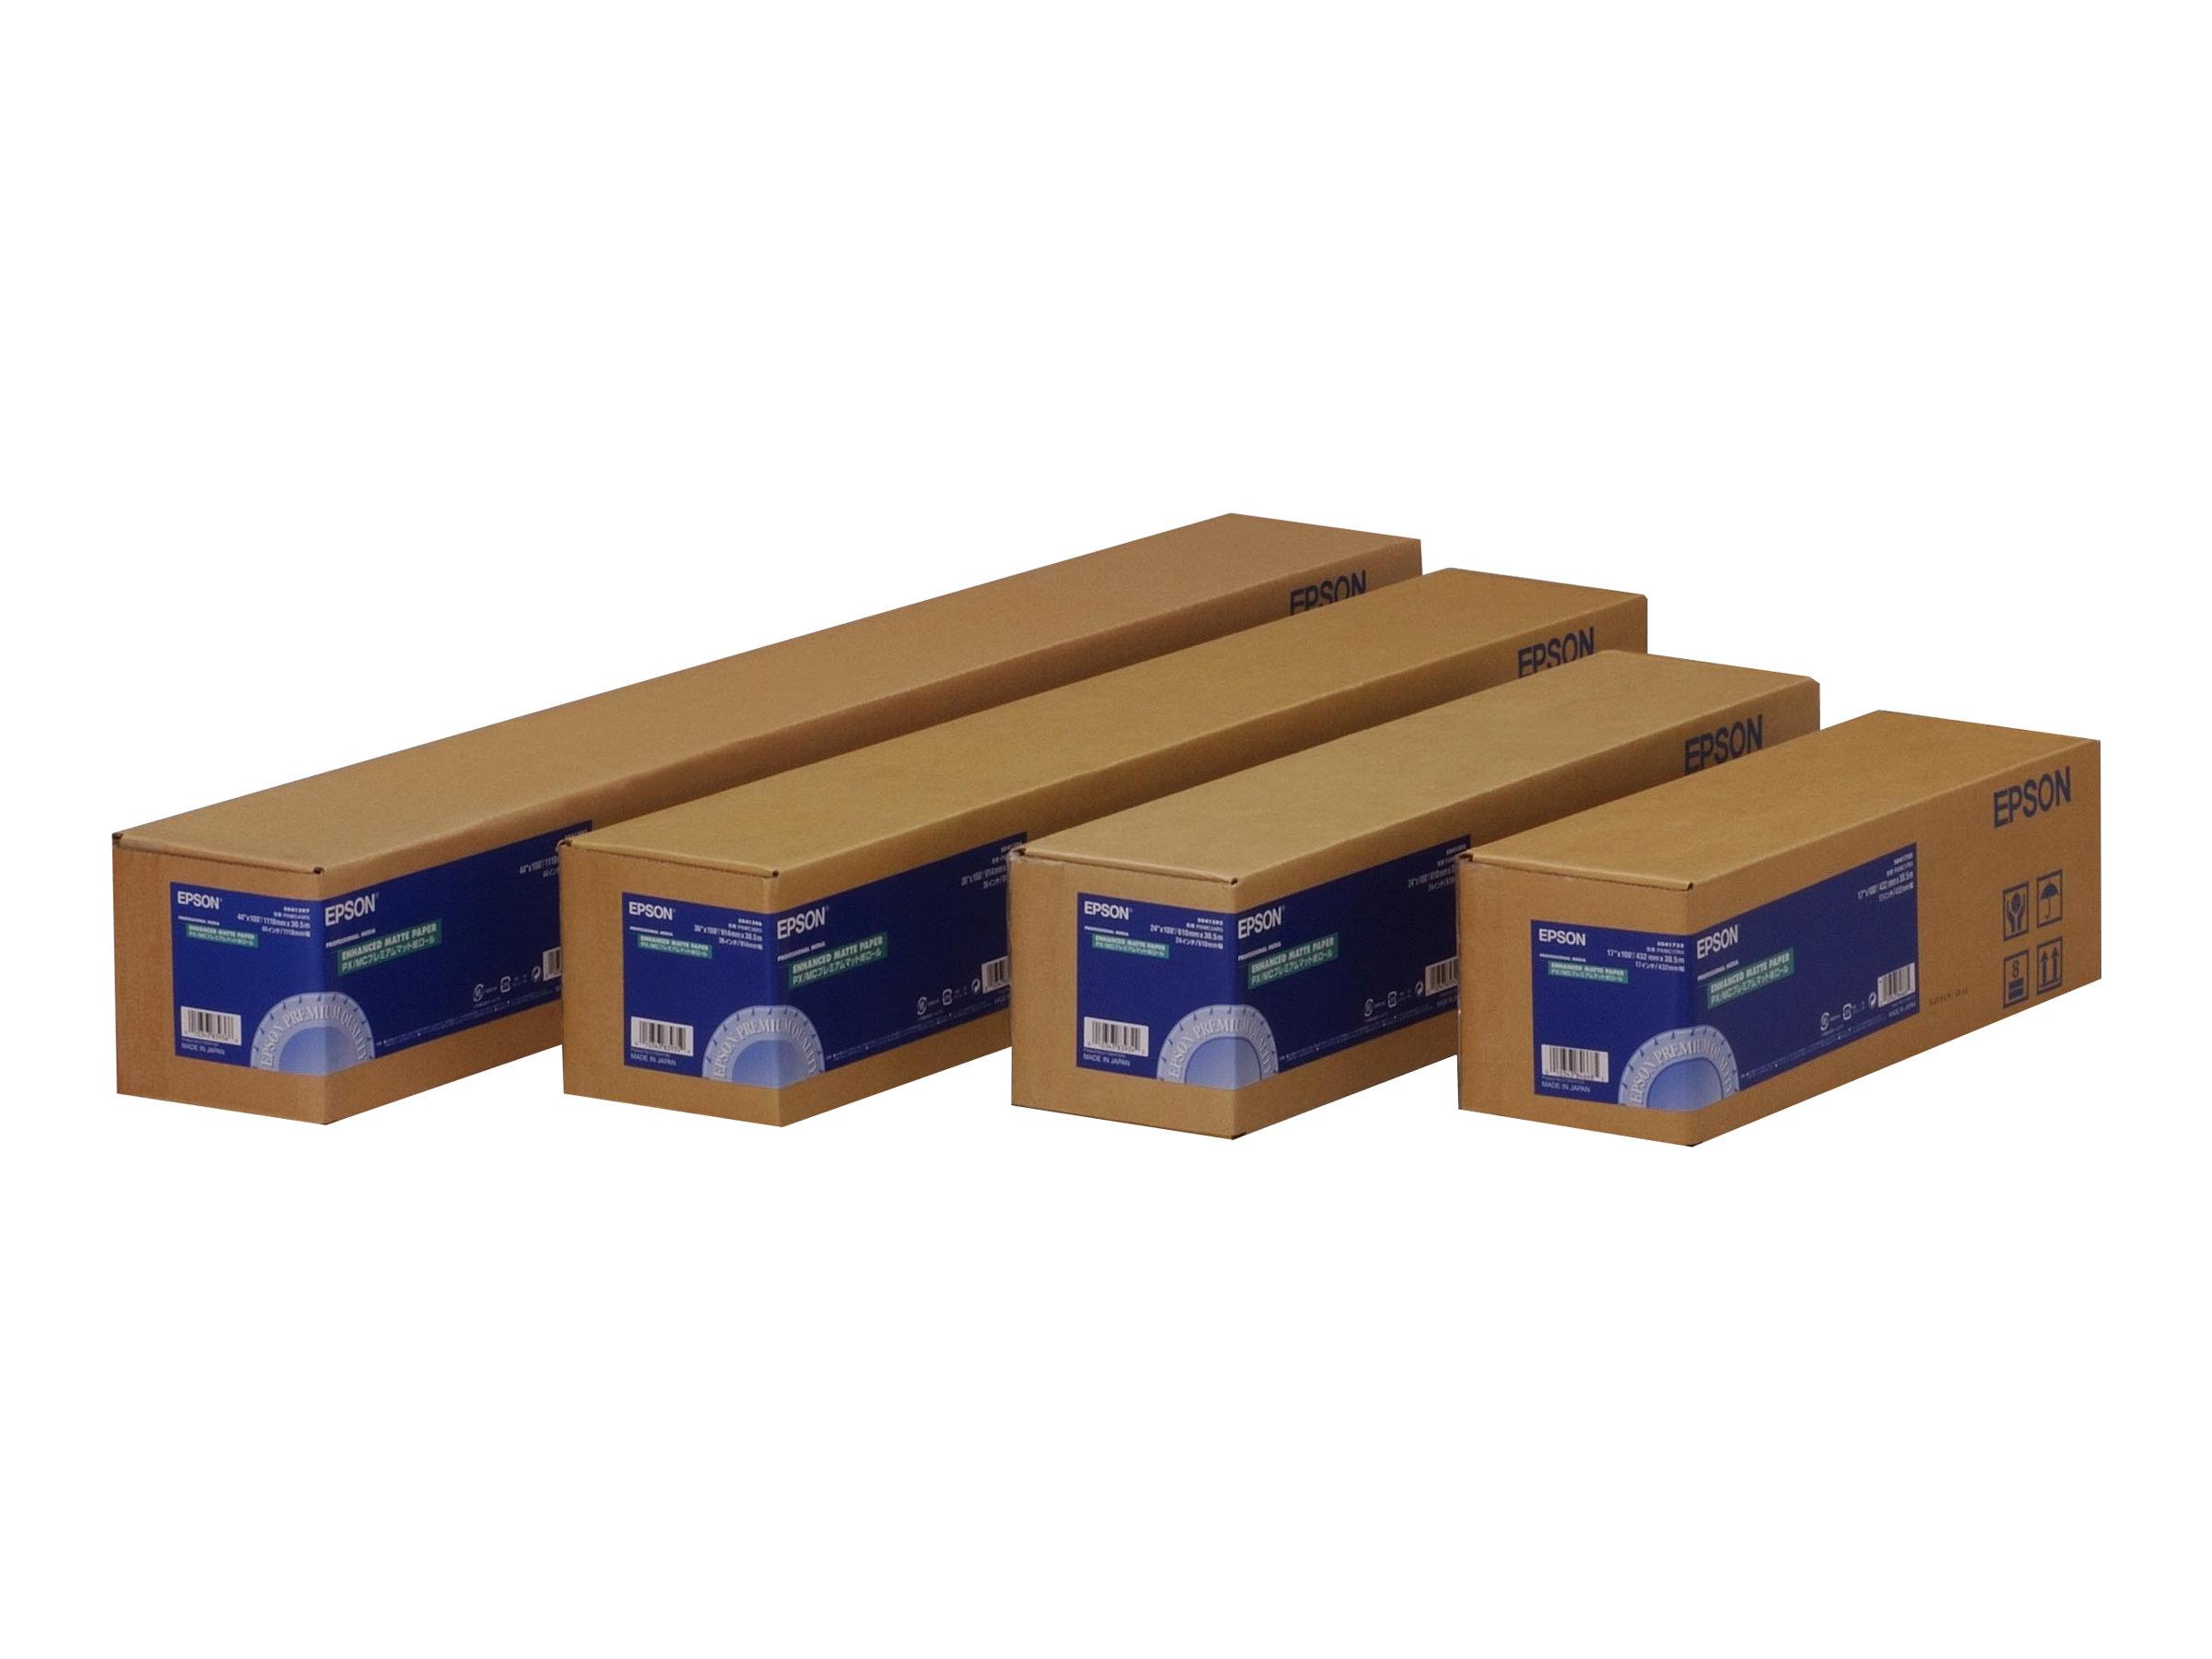 Epson Enhanced - Matt - Rolle (111,8 cm x 30,5 m) - 189 g/m² - 1 Rolle(n) Papier - für Stylus Pro 11880, Pro 9900; SureColor SC-